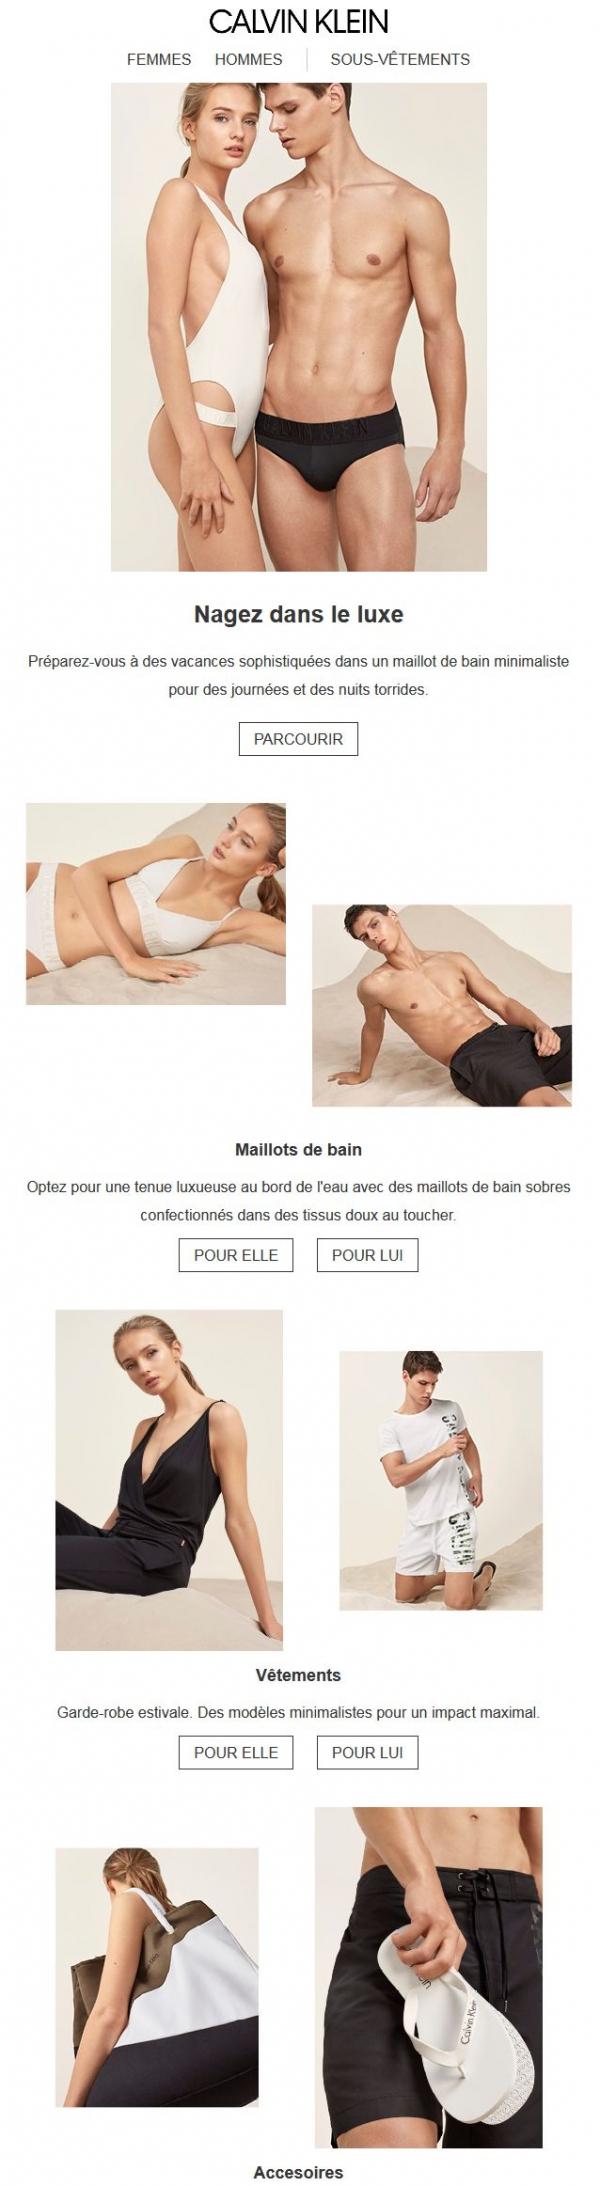 Nagez Dans Le Luxe: Maillots De Bain Sophistiqués Pour Elle + Lui Promotions Rabais